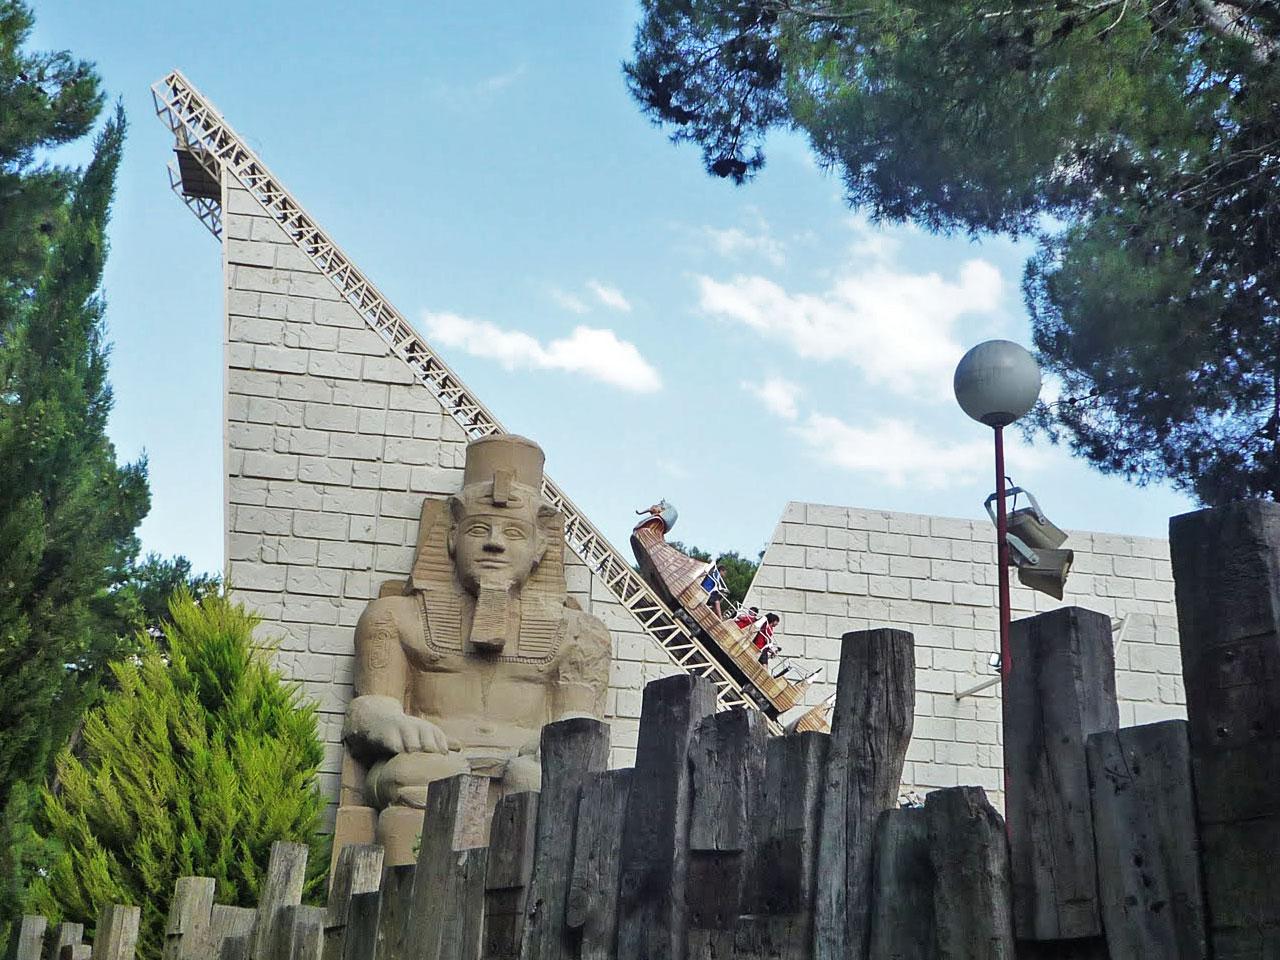 Excursi n al parque de atracciones de zaragoza - Parque atracciones zaragoza ...